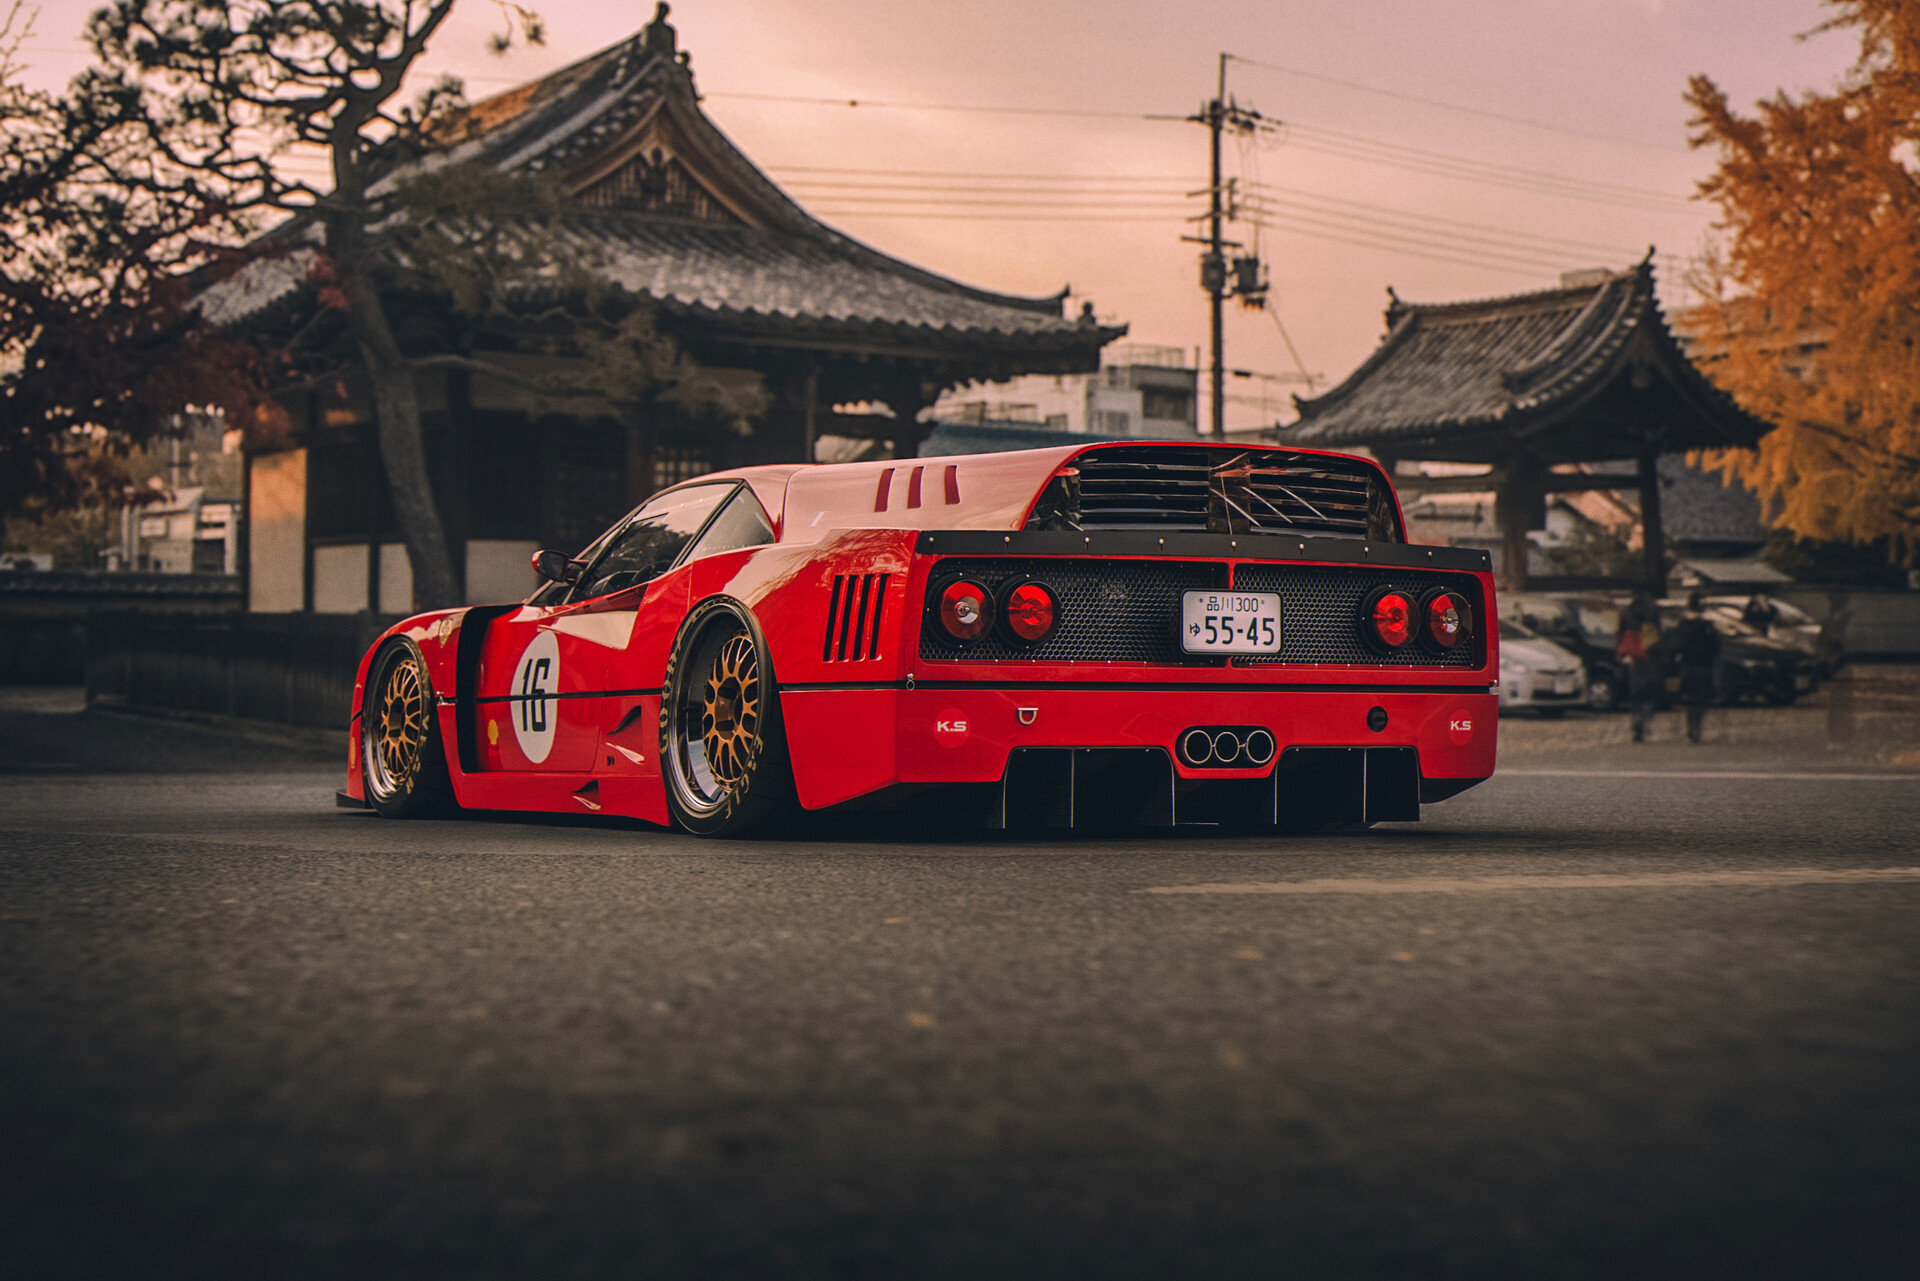 Ferrari Ferrari F40 Japan Wallpaper Resolution 1920x1281 Id 132025 Wallha Com